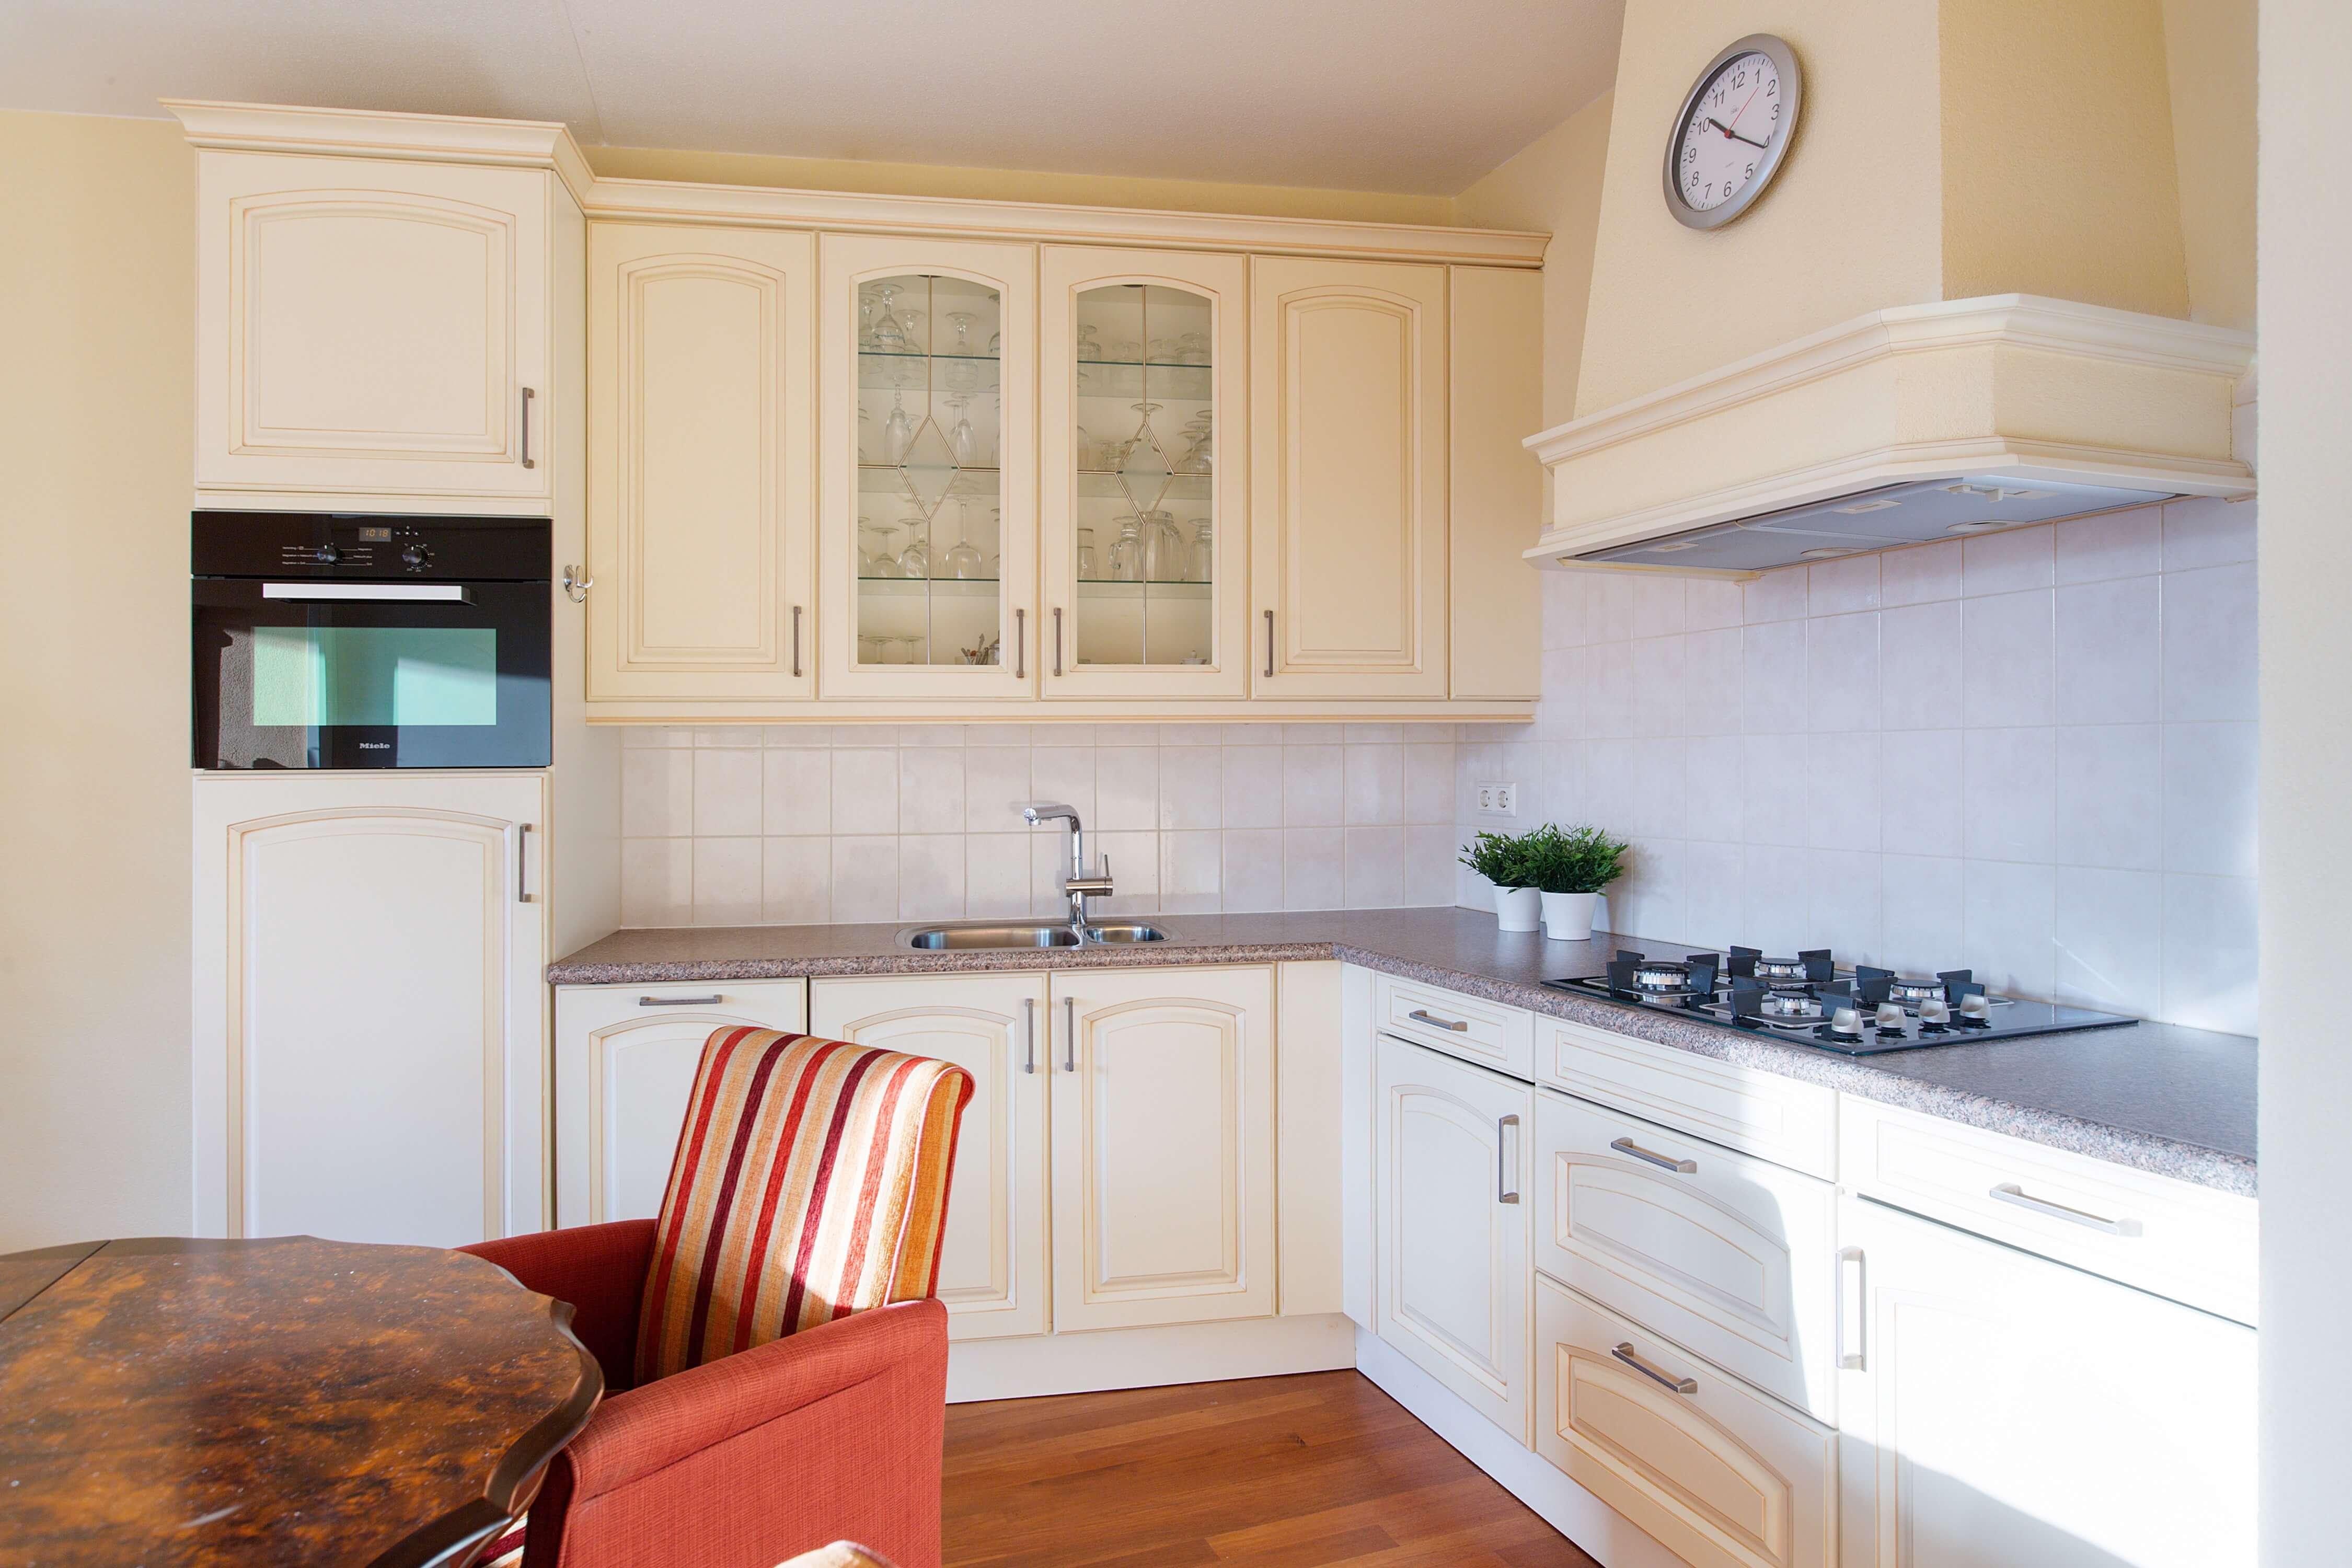 Te koop appartement Heemskerk Lessestraat Heemskerk keuken - Huisinzicht